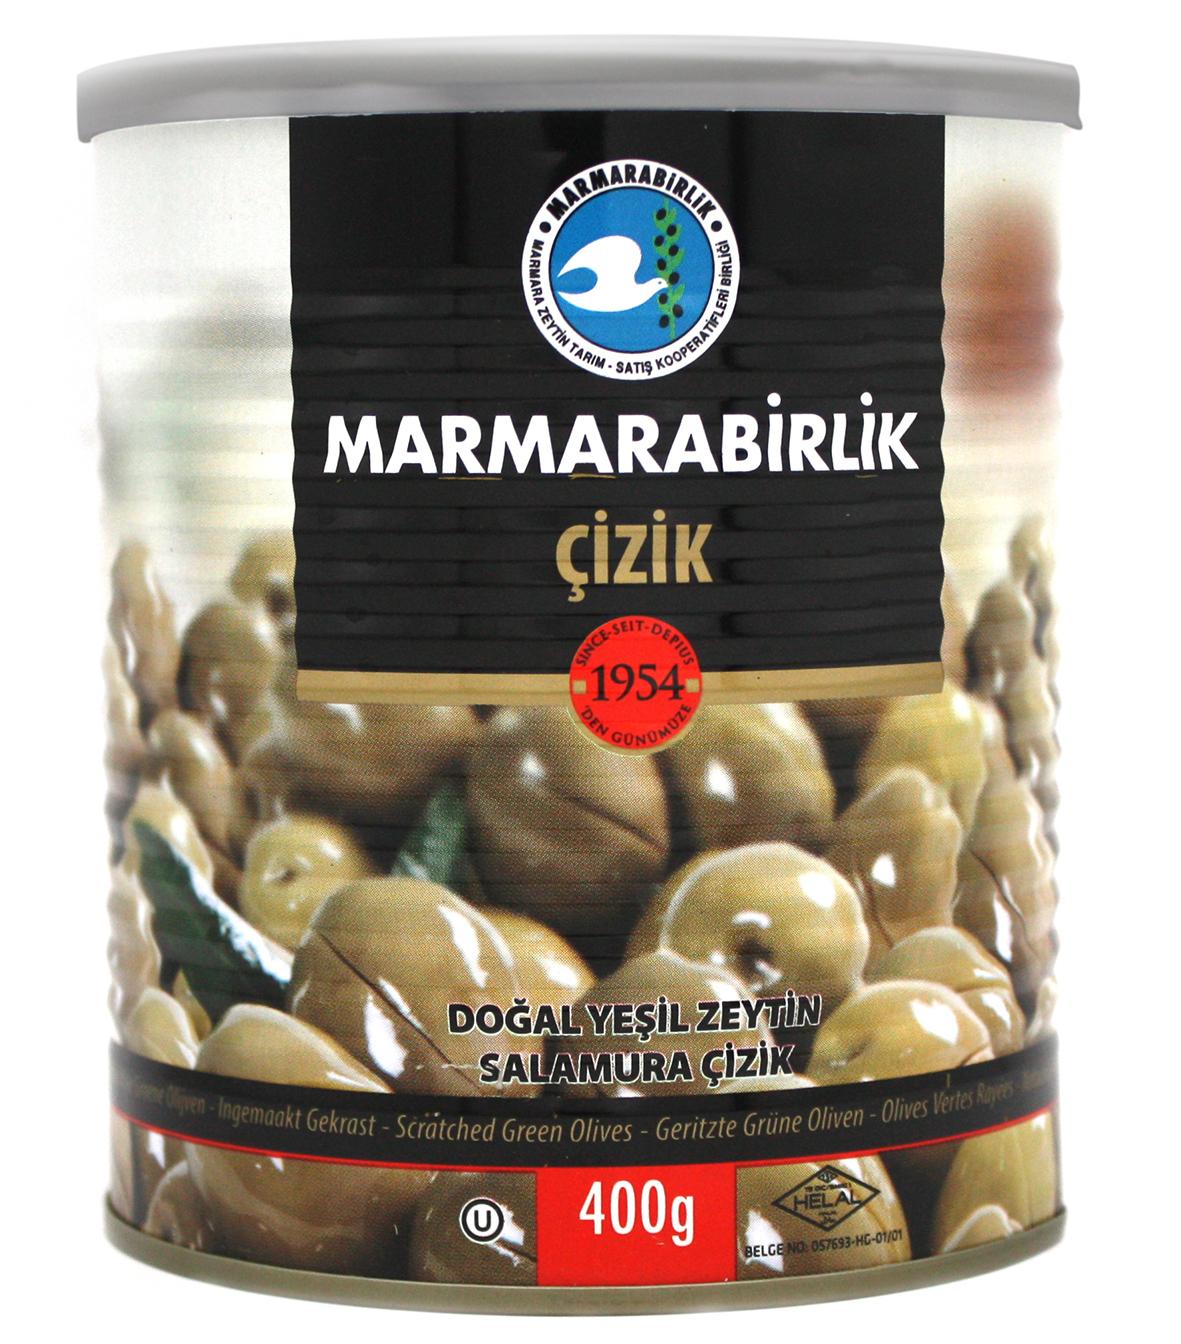 Оливки Оливки зеленые надрезанные 2XS, Marmarabirlik, 400 г import_files_b1_b1a8898c765d11e9a9ac484d7ecee297_b1a8898d765d11e9a9ac484d7ecee297.jpg